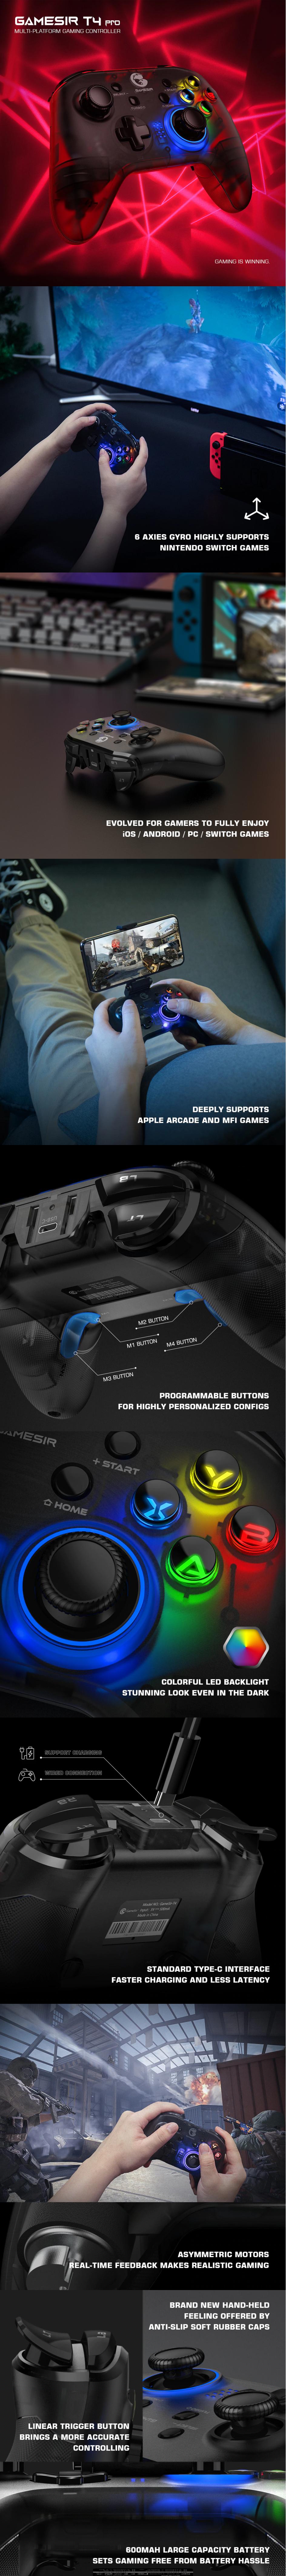 Беспроводной Bluetooth геймпад GameSir T4 Pro с 6 осевым гироскопом купить